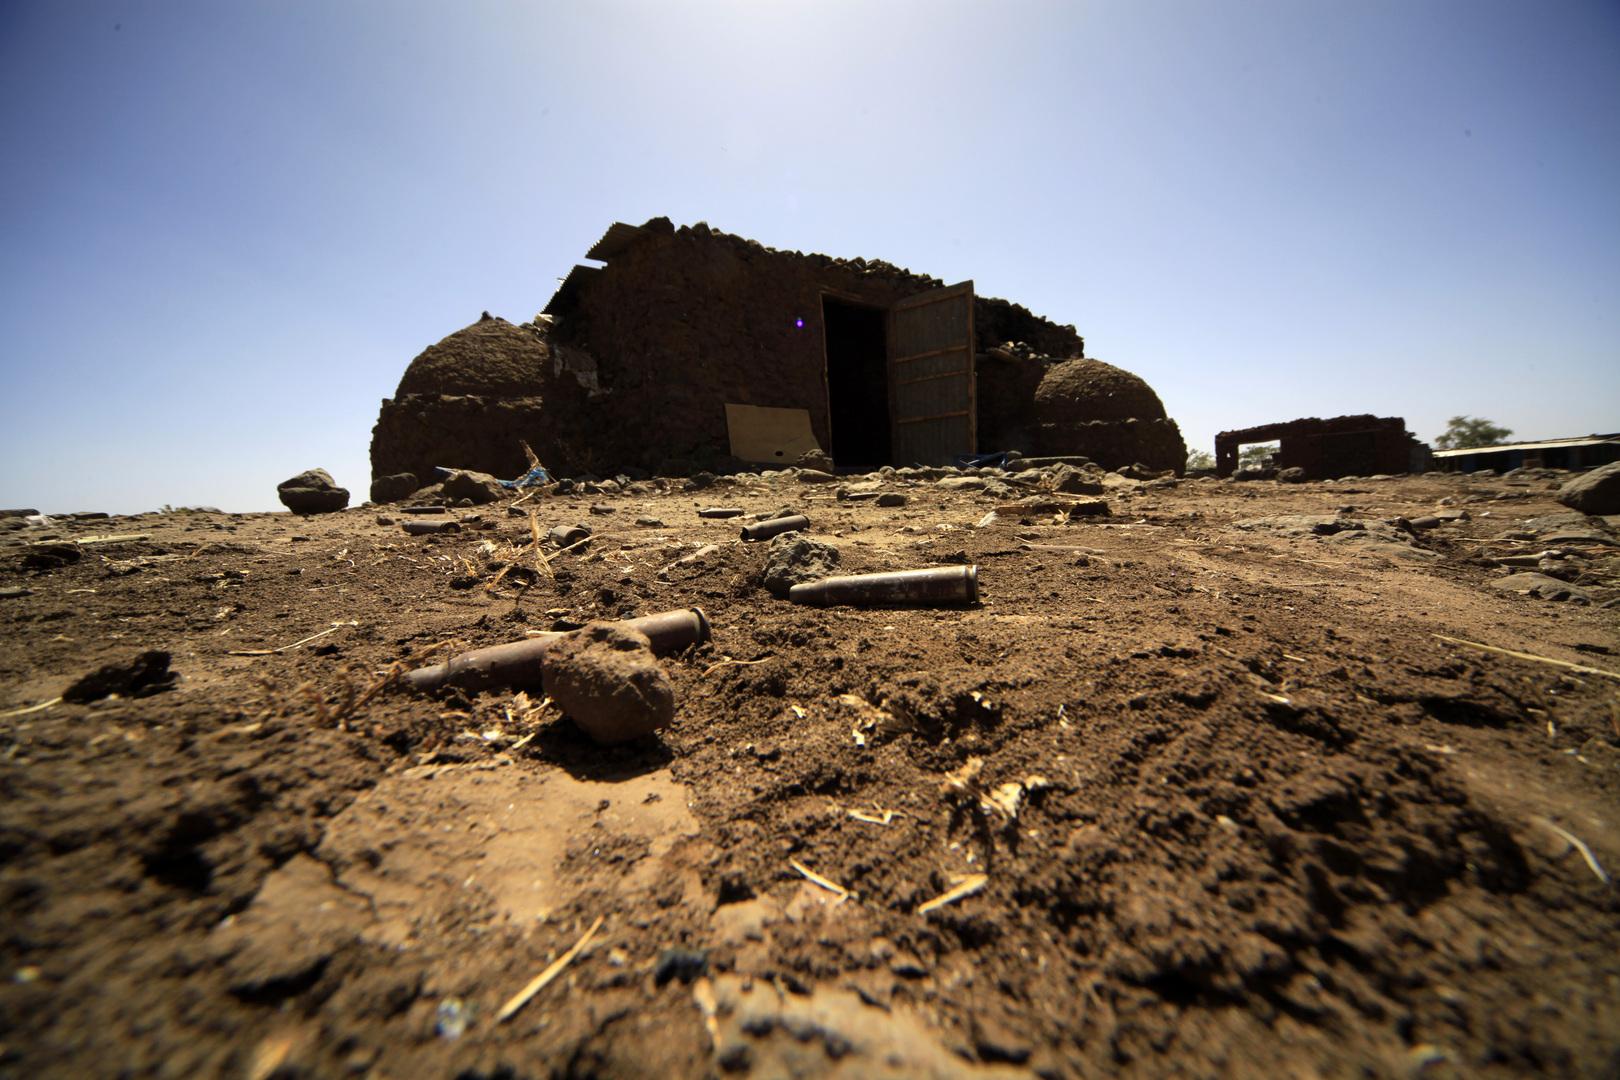 حصيلة ضحايا اشتباكات غرب دارفور تتجاوز 130 قتيلا والسلطات تعلن تورط مسلحين من بلد مجاور